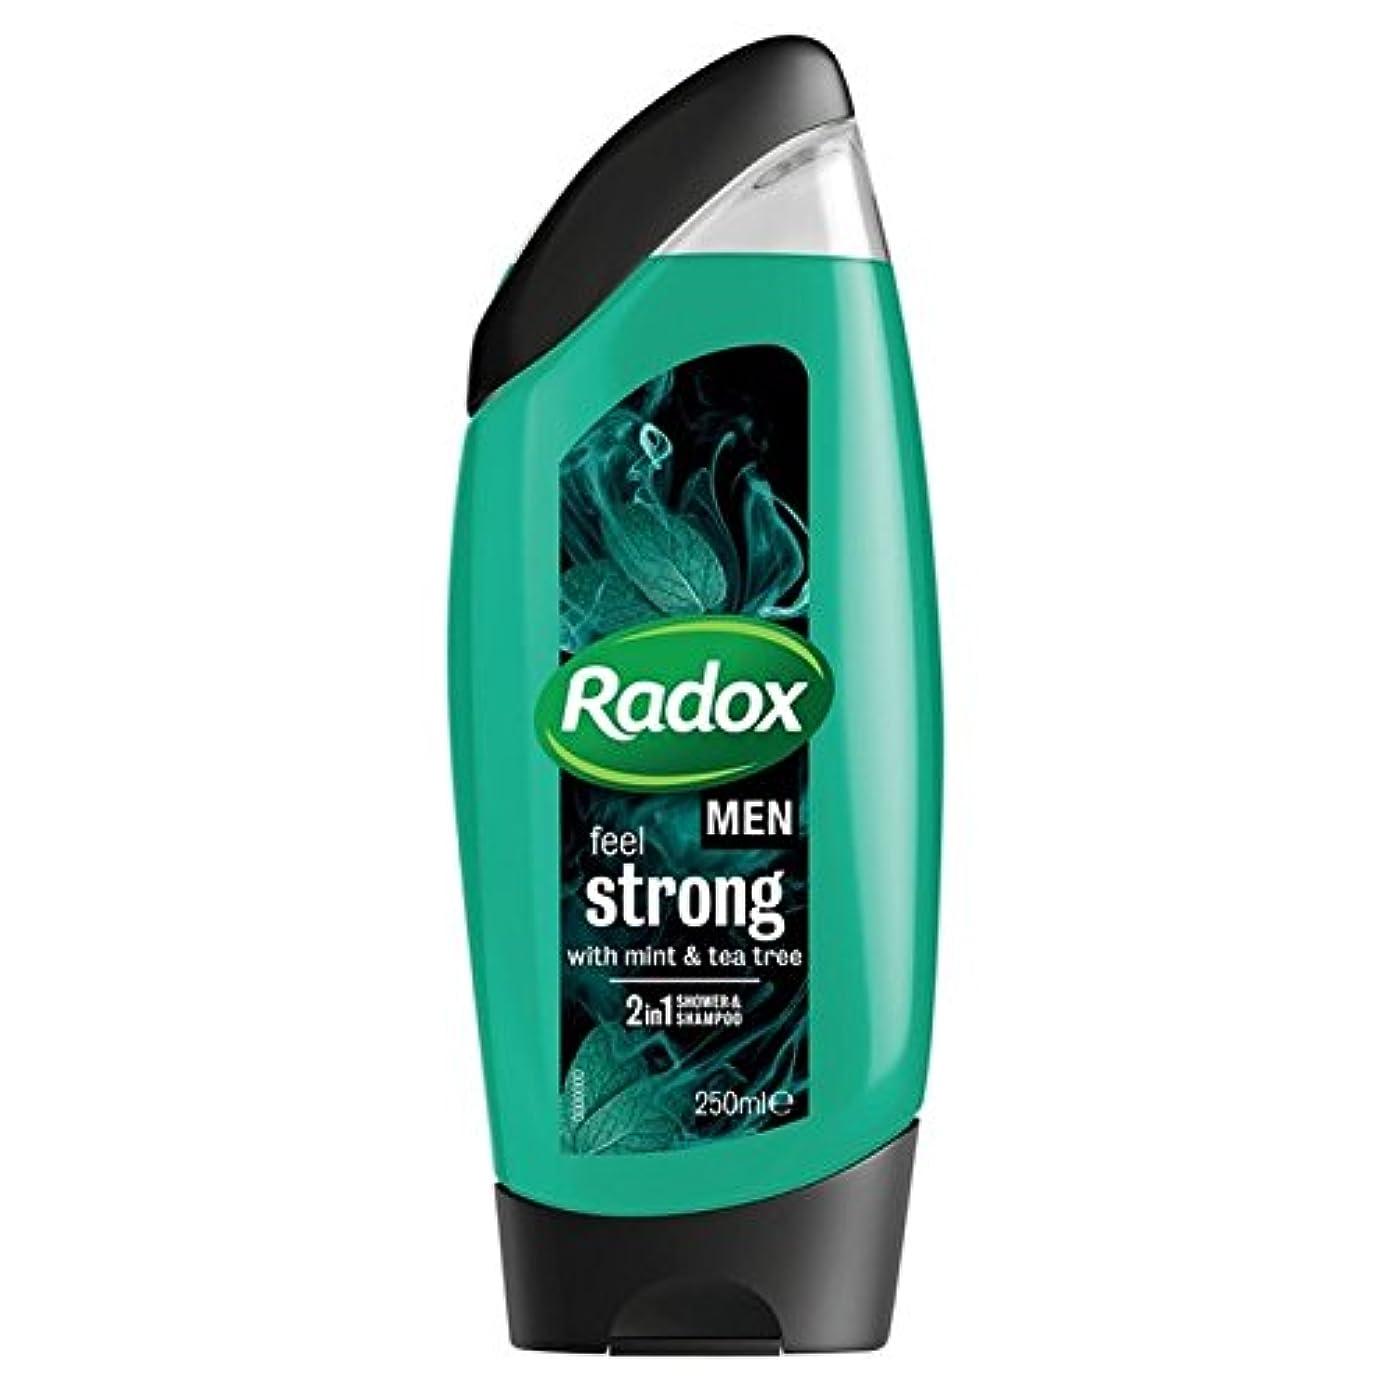 ムスティーンエイジャー個人的にRadox Men Feel Strong Mint & Tea Tree 2in1 Shower Gel 250ml - 男性は、強力なミント&ティーツリーの21のシャワージェル250ミリリットルを感じます [並行輸入品]